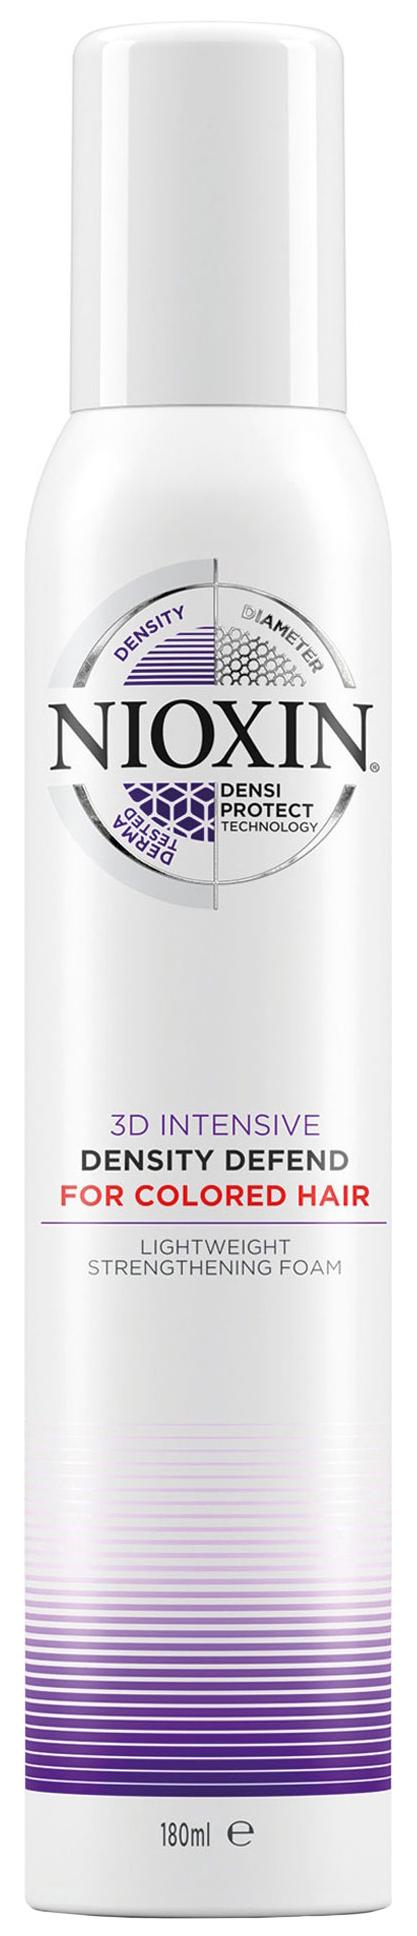 Мусс для волос Nioxin Density Defend